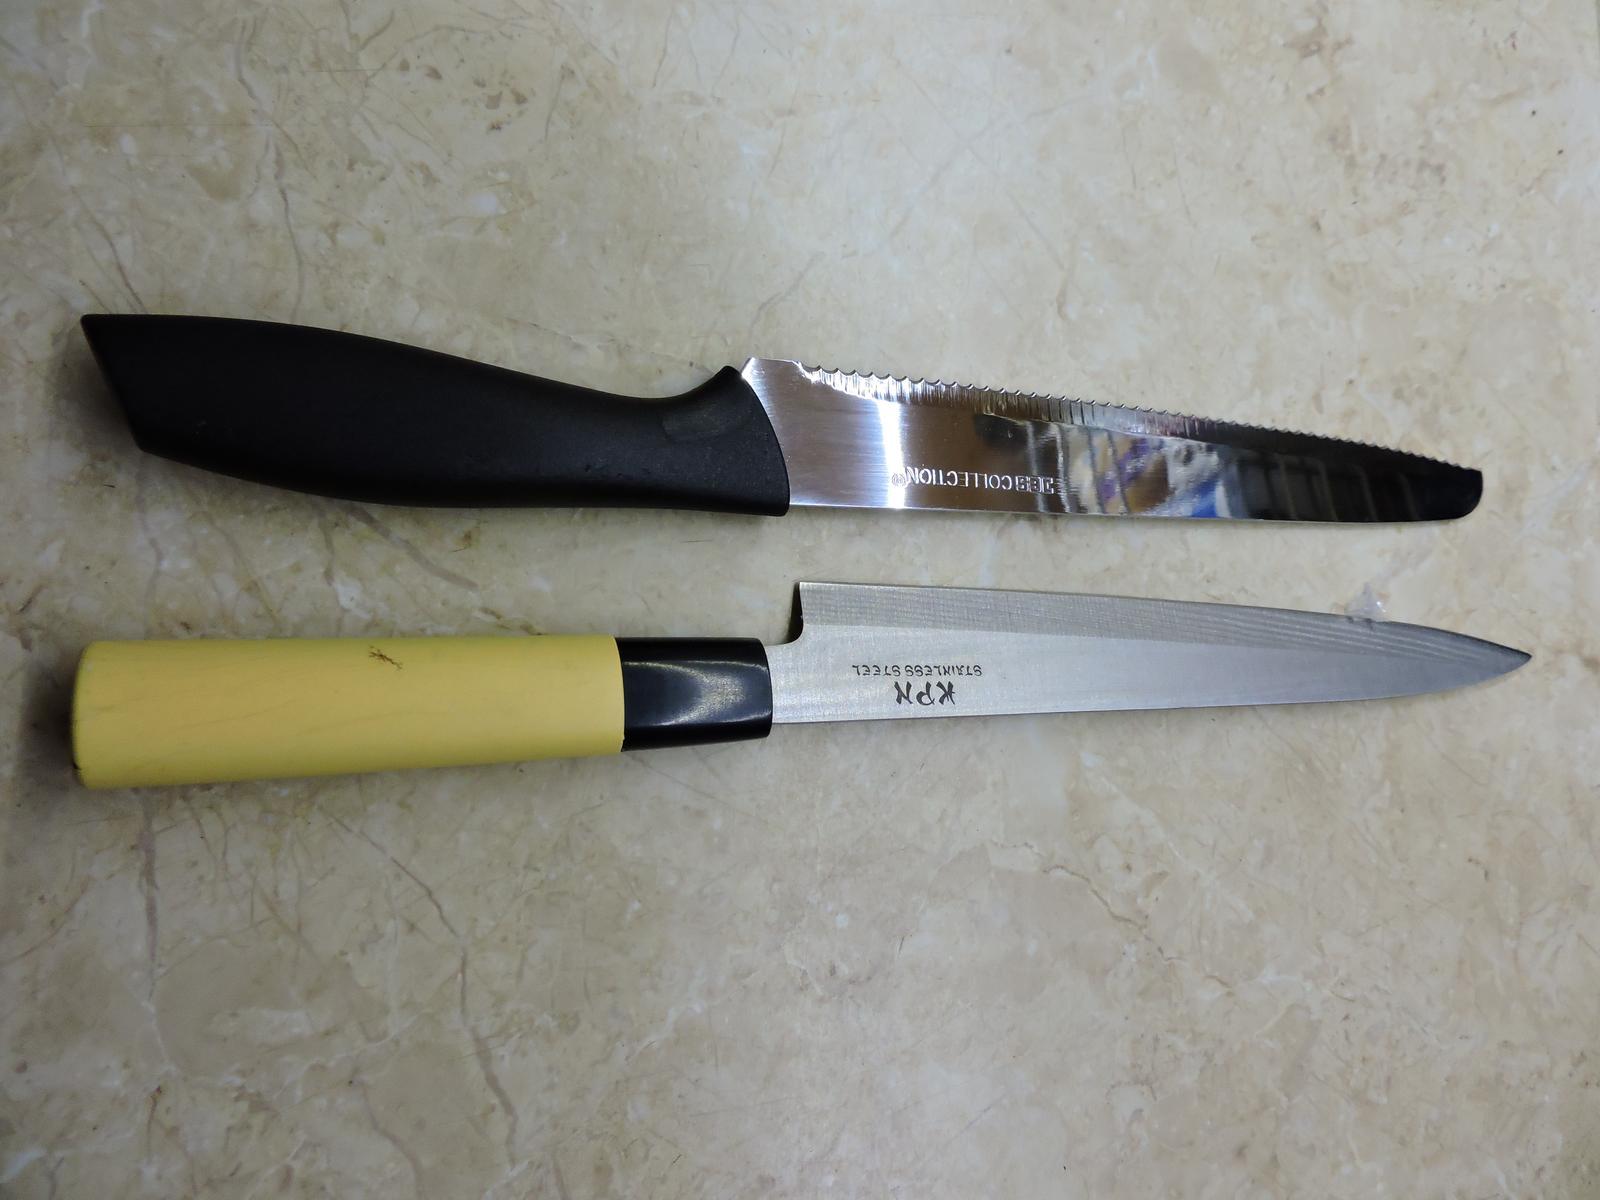 nože z nerezovej ocele 2 kusy - Obrázok č. 1